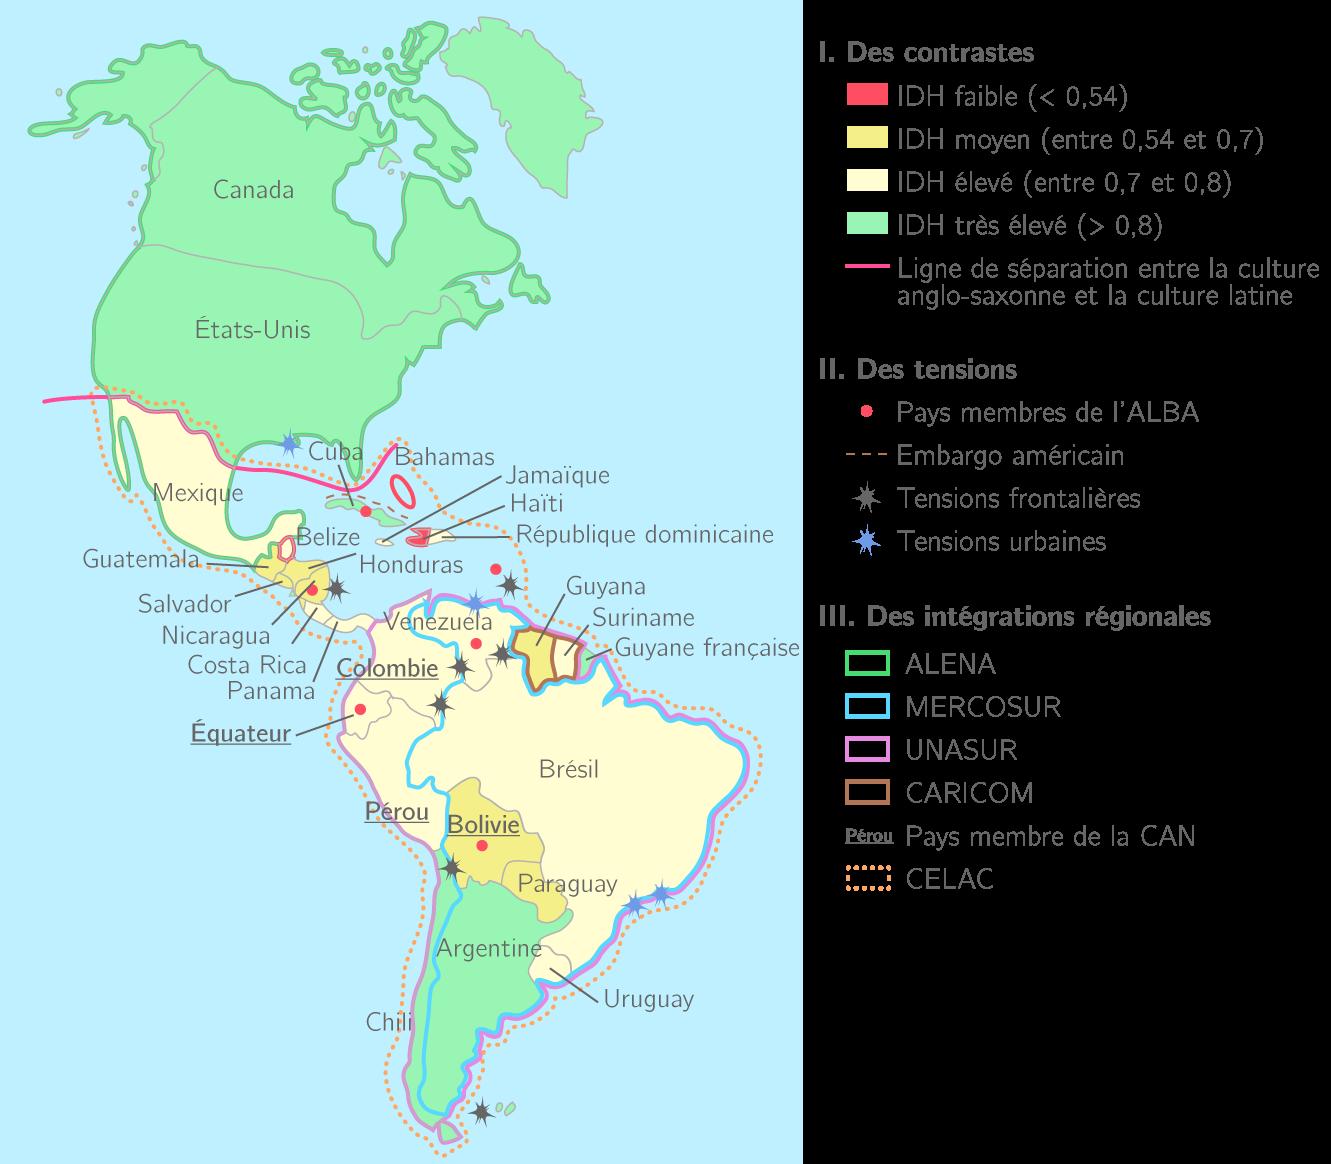 Carte Cuba Amerique.Le Continent Americain Entre Tensions Et Integrations Regionales